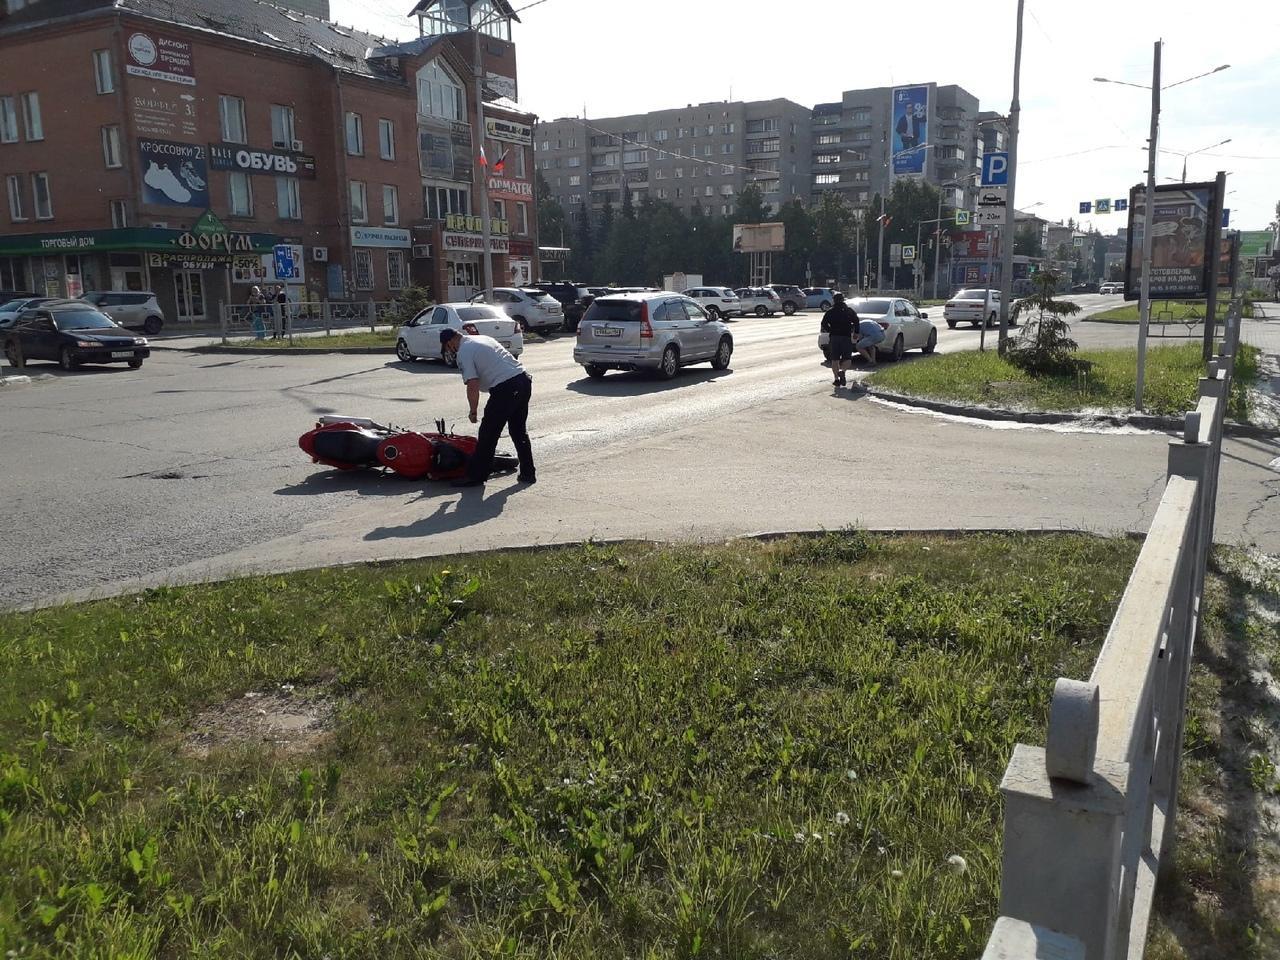 фото Быстрее ангела-хранителя: байкер, руководитель автошколы и психолог – о том, почему гибнут молодые мотоциклисты в Новосибирске 2